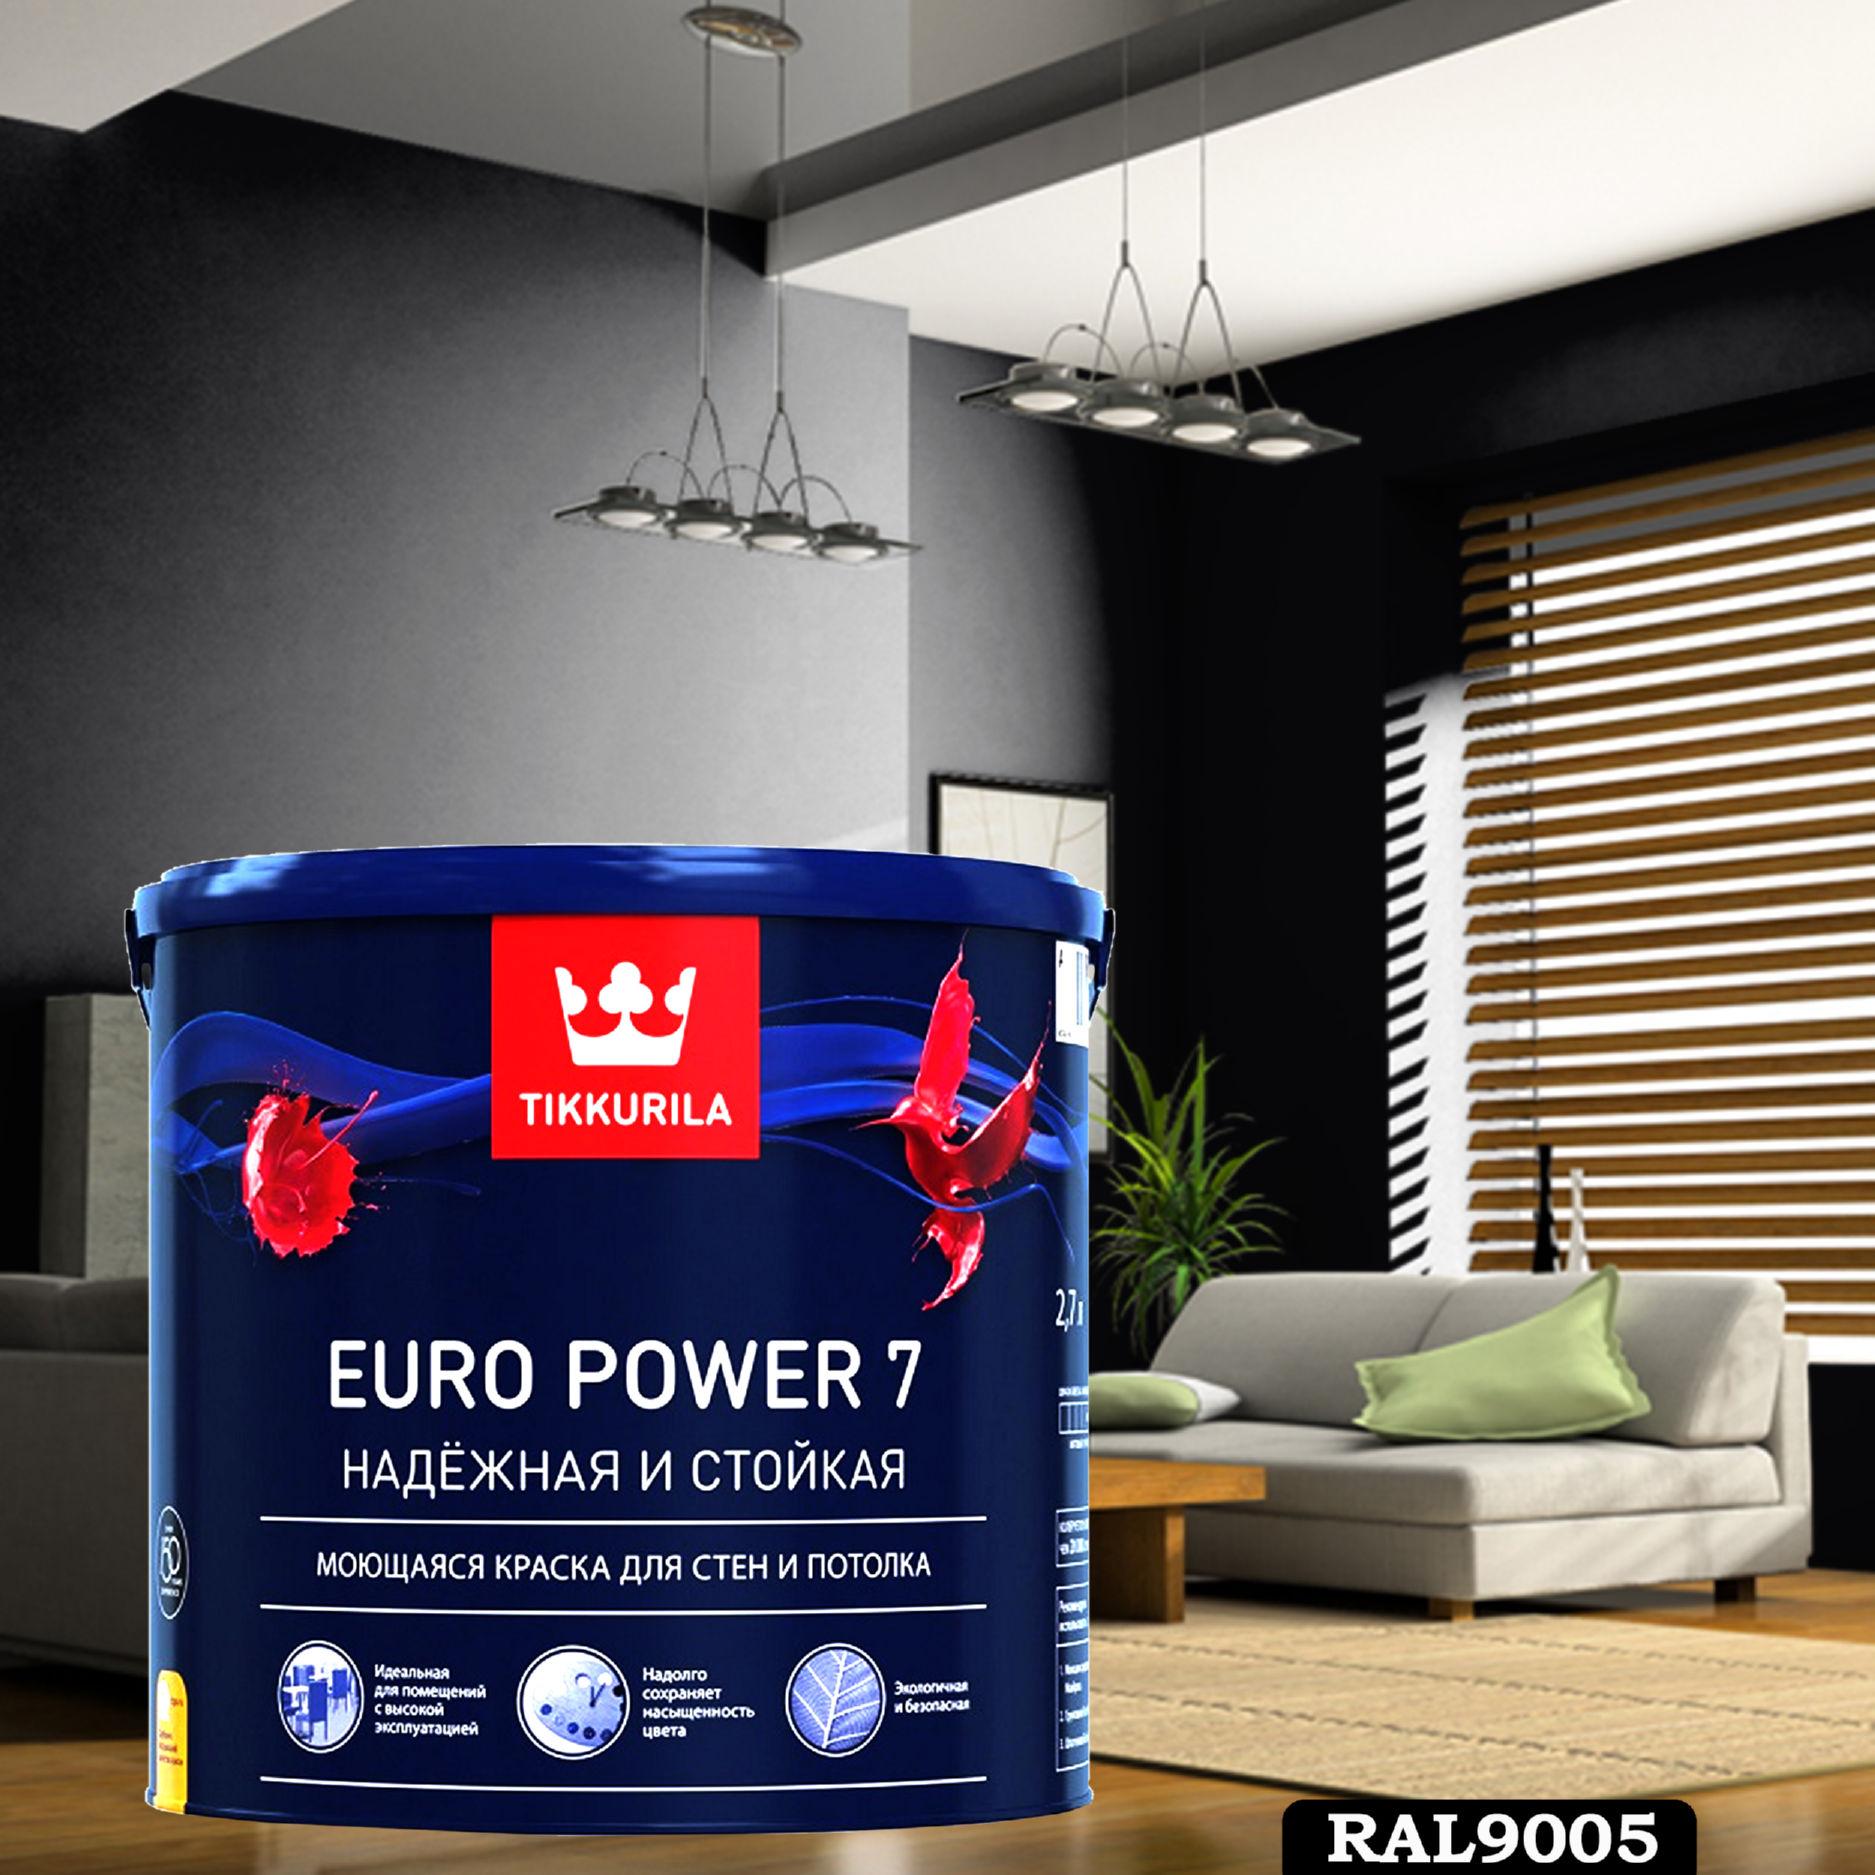 Фото 5 - Краска TIKKURILA Euro Power 7,  RAL 9005 Черный-янтарь, латексная моющаяся матовая интерьерная, 9 л.